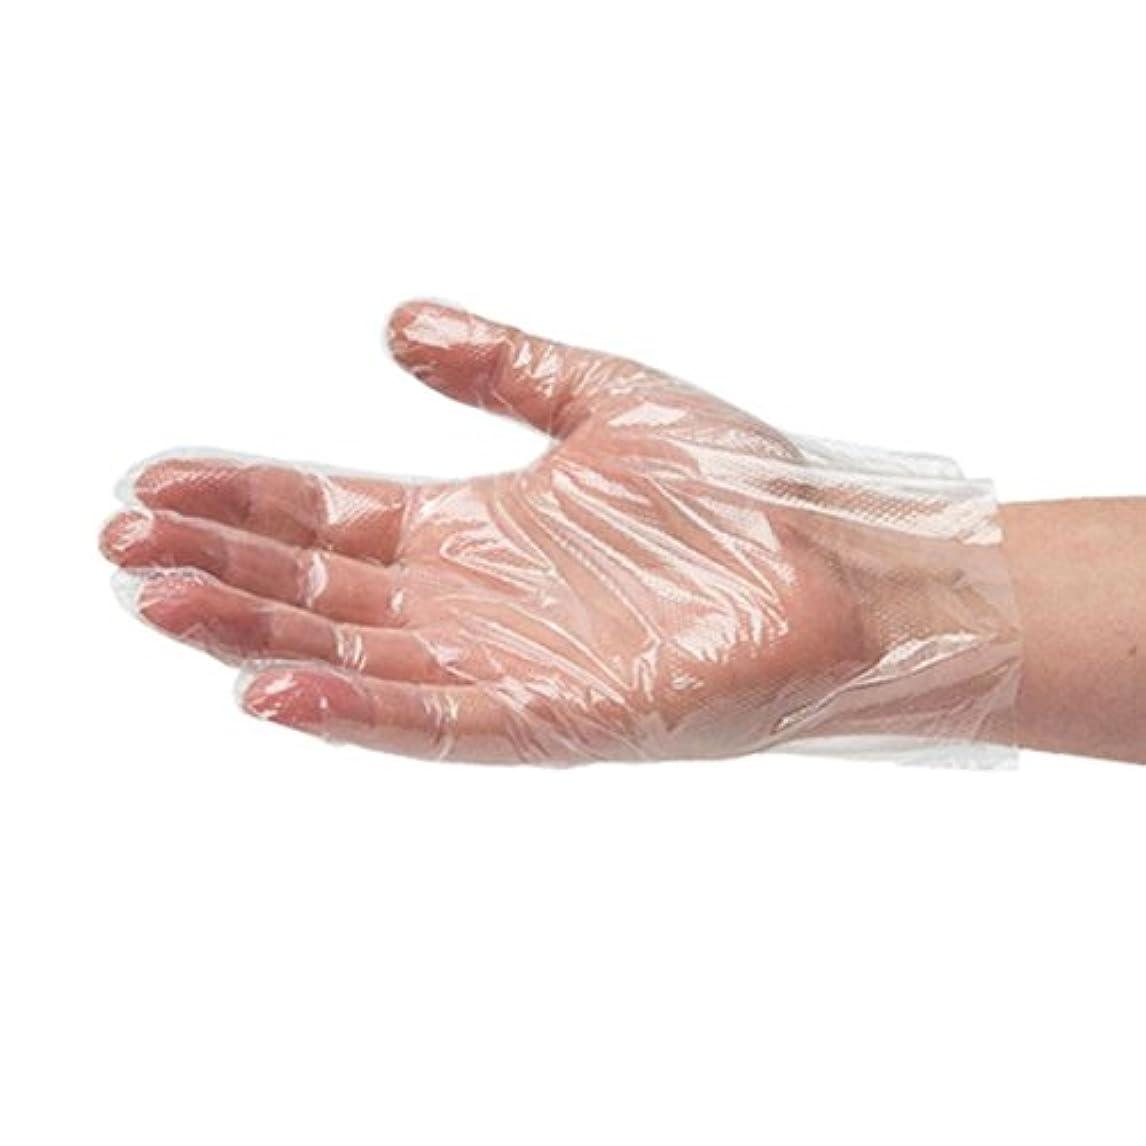 戦略地雷原毛細血管KINGZUO 使い捨て 調理 ビニール極薄手袋 200枚入 使いきり手袋 (500枚)